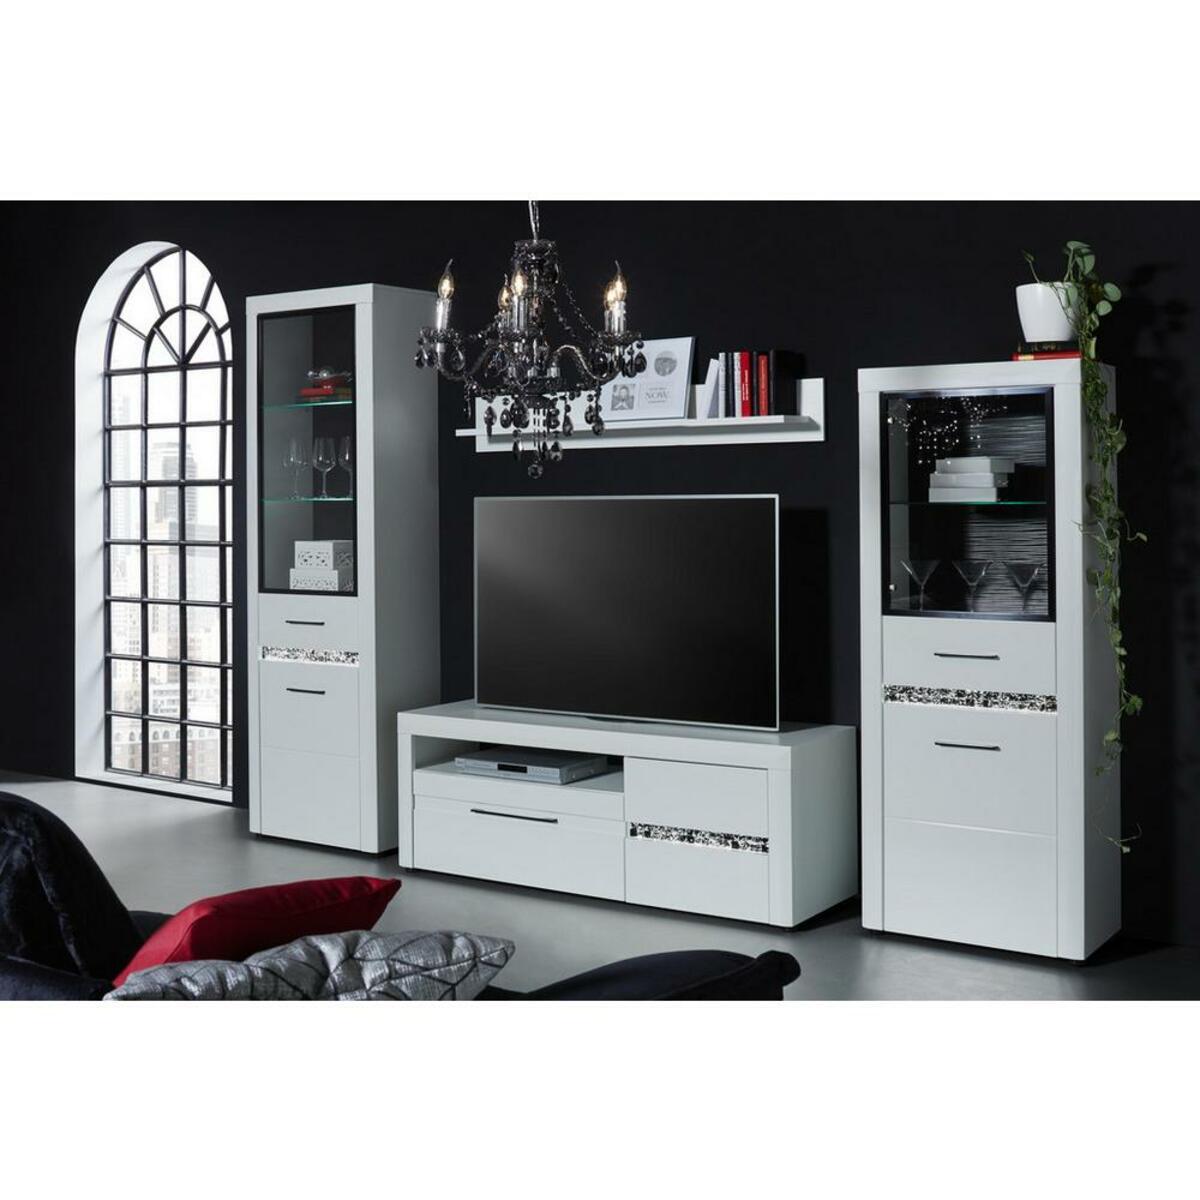 Bild 4 von TV-Element in Weiß Hochglanz